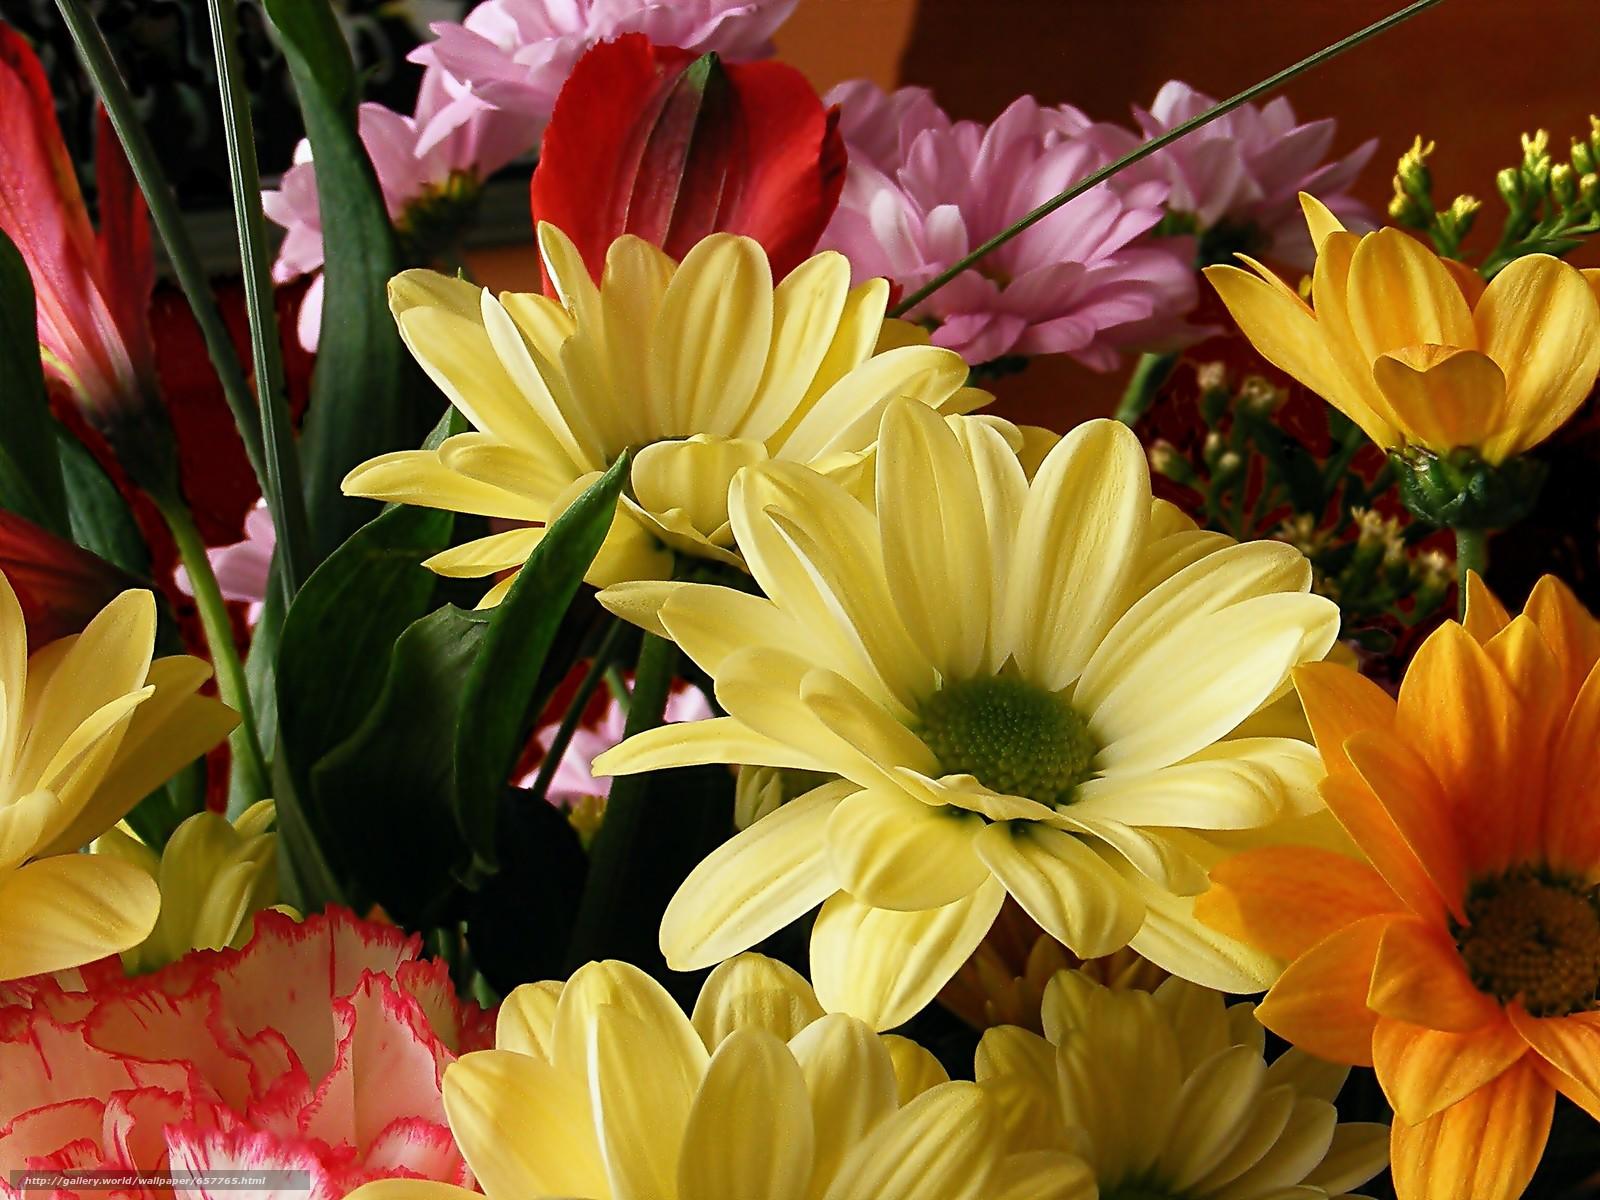 Скачать обои цветы,  букет,  флора бесплатно для рабочего стола в разрешении 3072x2304 — картинка №657765